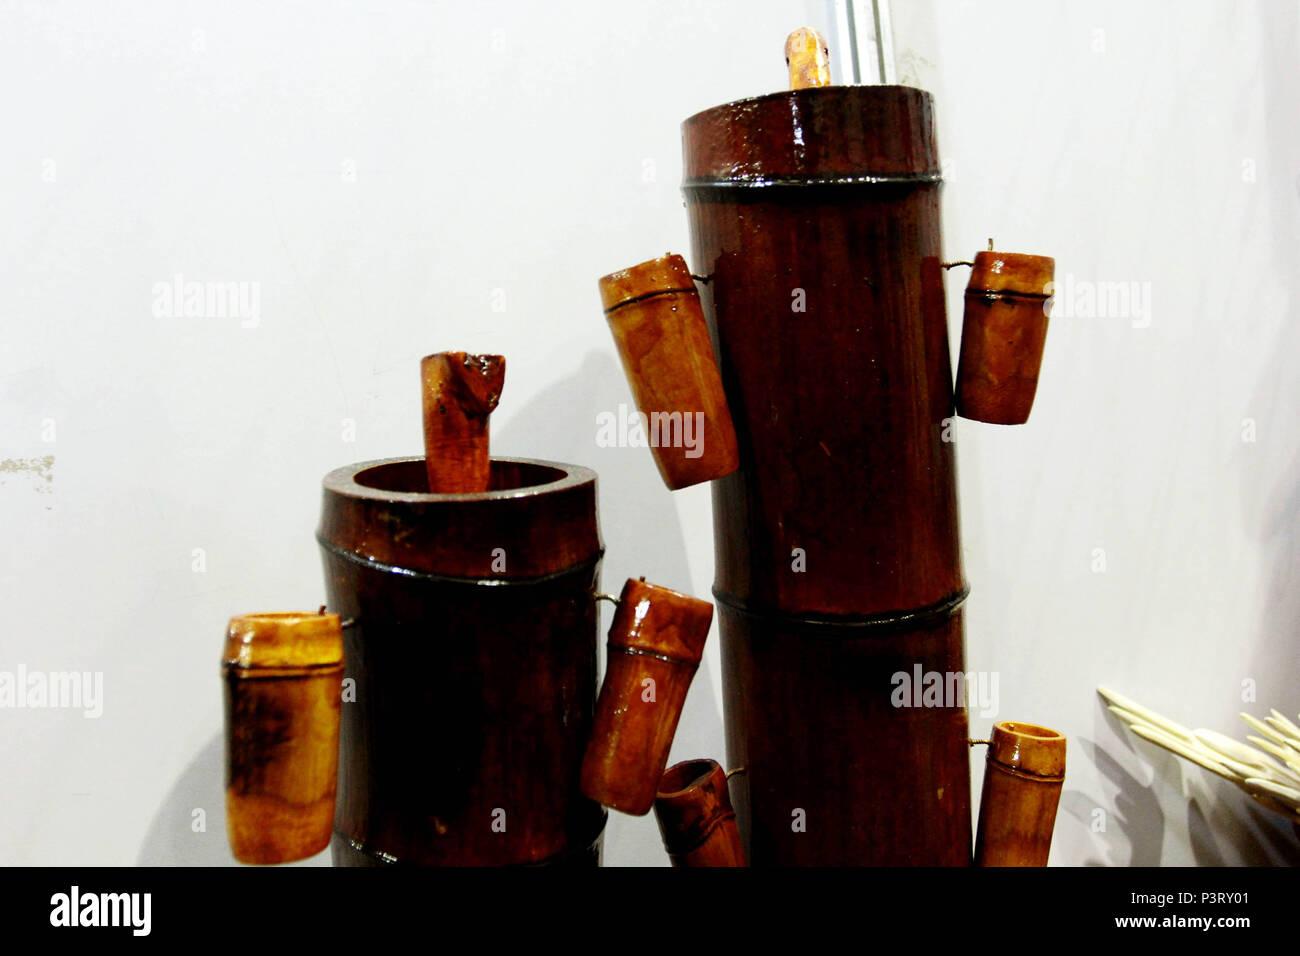 SÃO ROQUE, SP - 03.10.2015: UTENSÍLIOS DE BAMBU - Utensílios feitos a partir de Bambu. Alambique e copos de Bambu. (Foto: Aloisio Mauricio/Fotoarena) Stockfoto